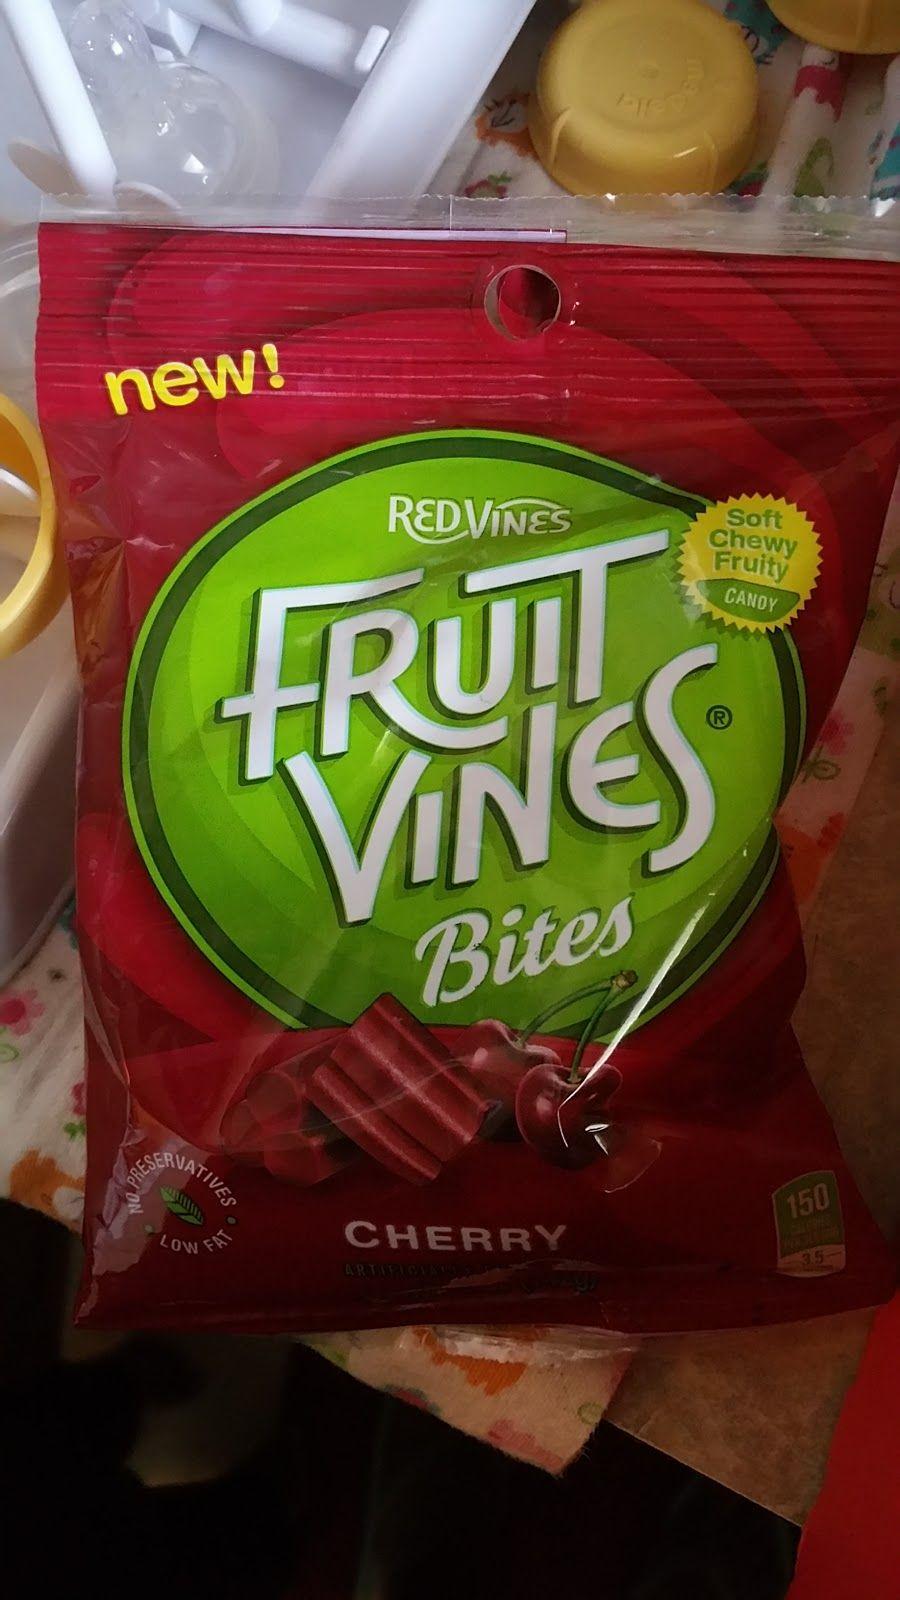 Try FruitVines #SweetSide